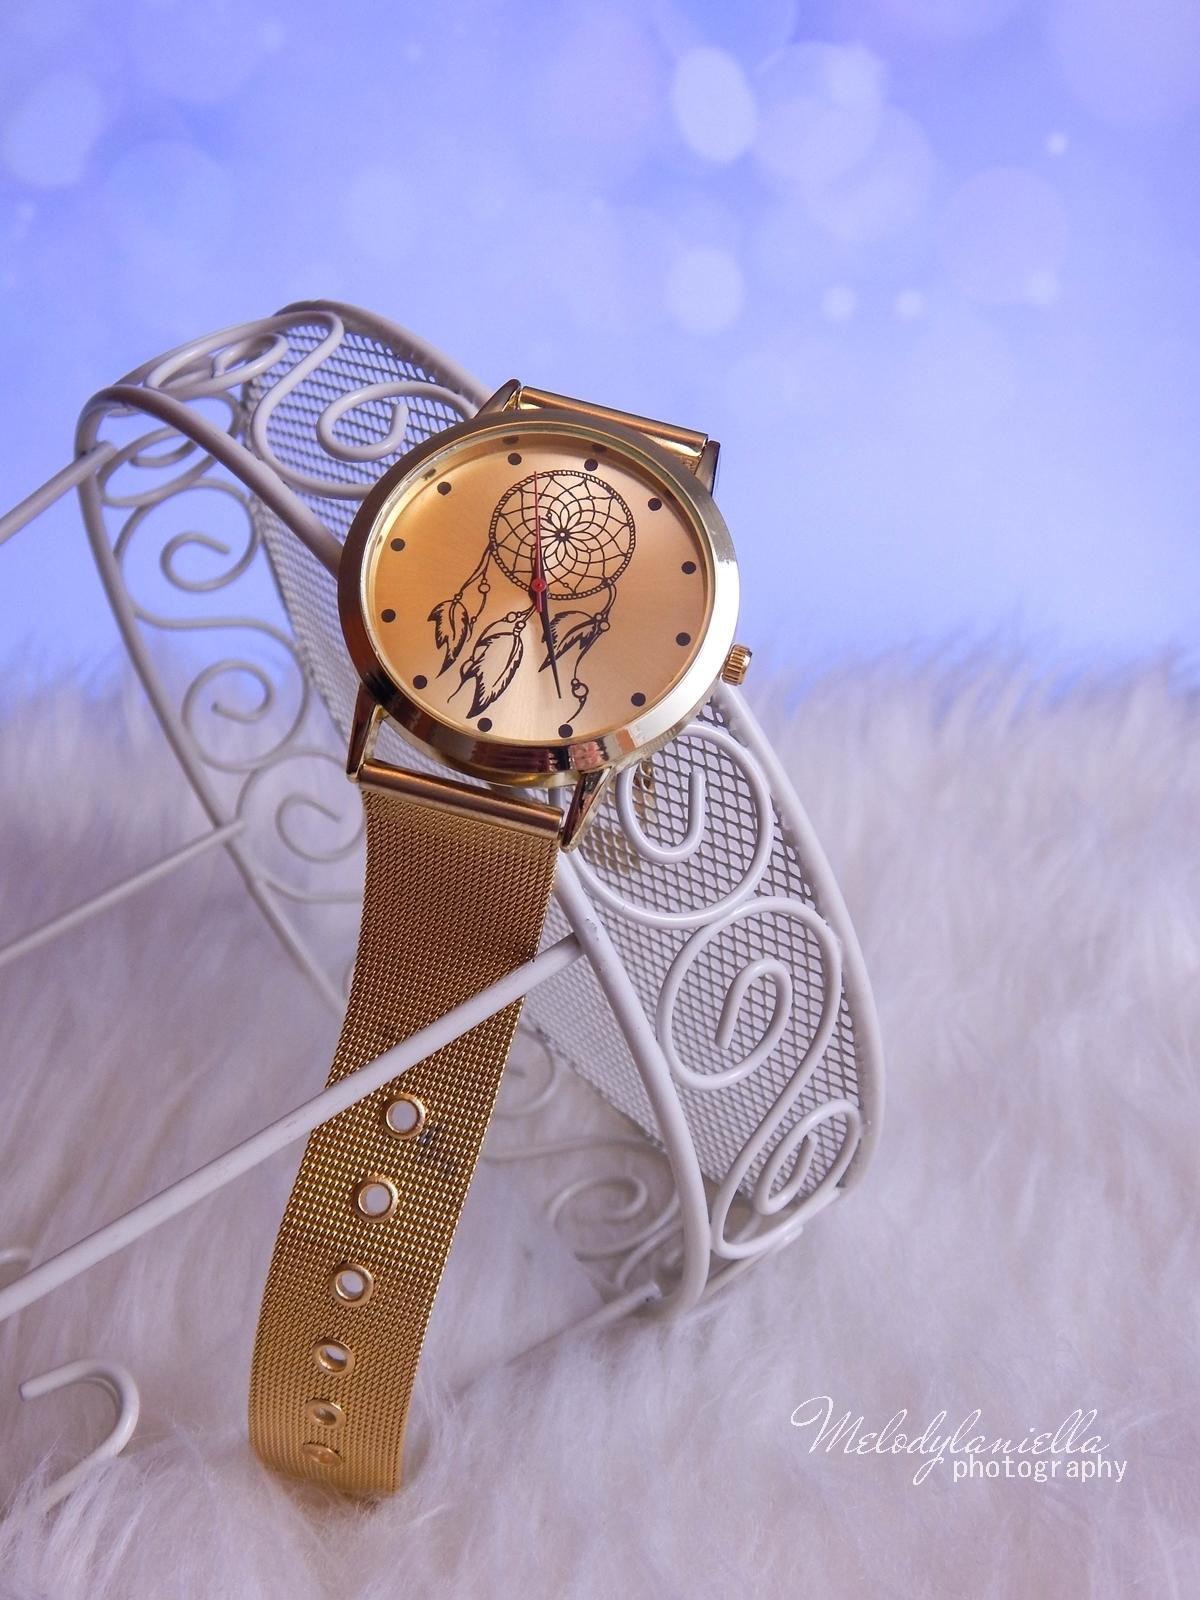 22 Biżuteria z chińskich sklepów sammydress kolczyk nausznica naszyjnik wisiorki z kryształkiem świąteczna biżuteria ciekawe dodatki stylowe zegarki pióra choker chokery złoty srebrny złoto srebro obelisk